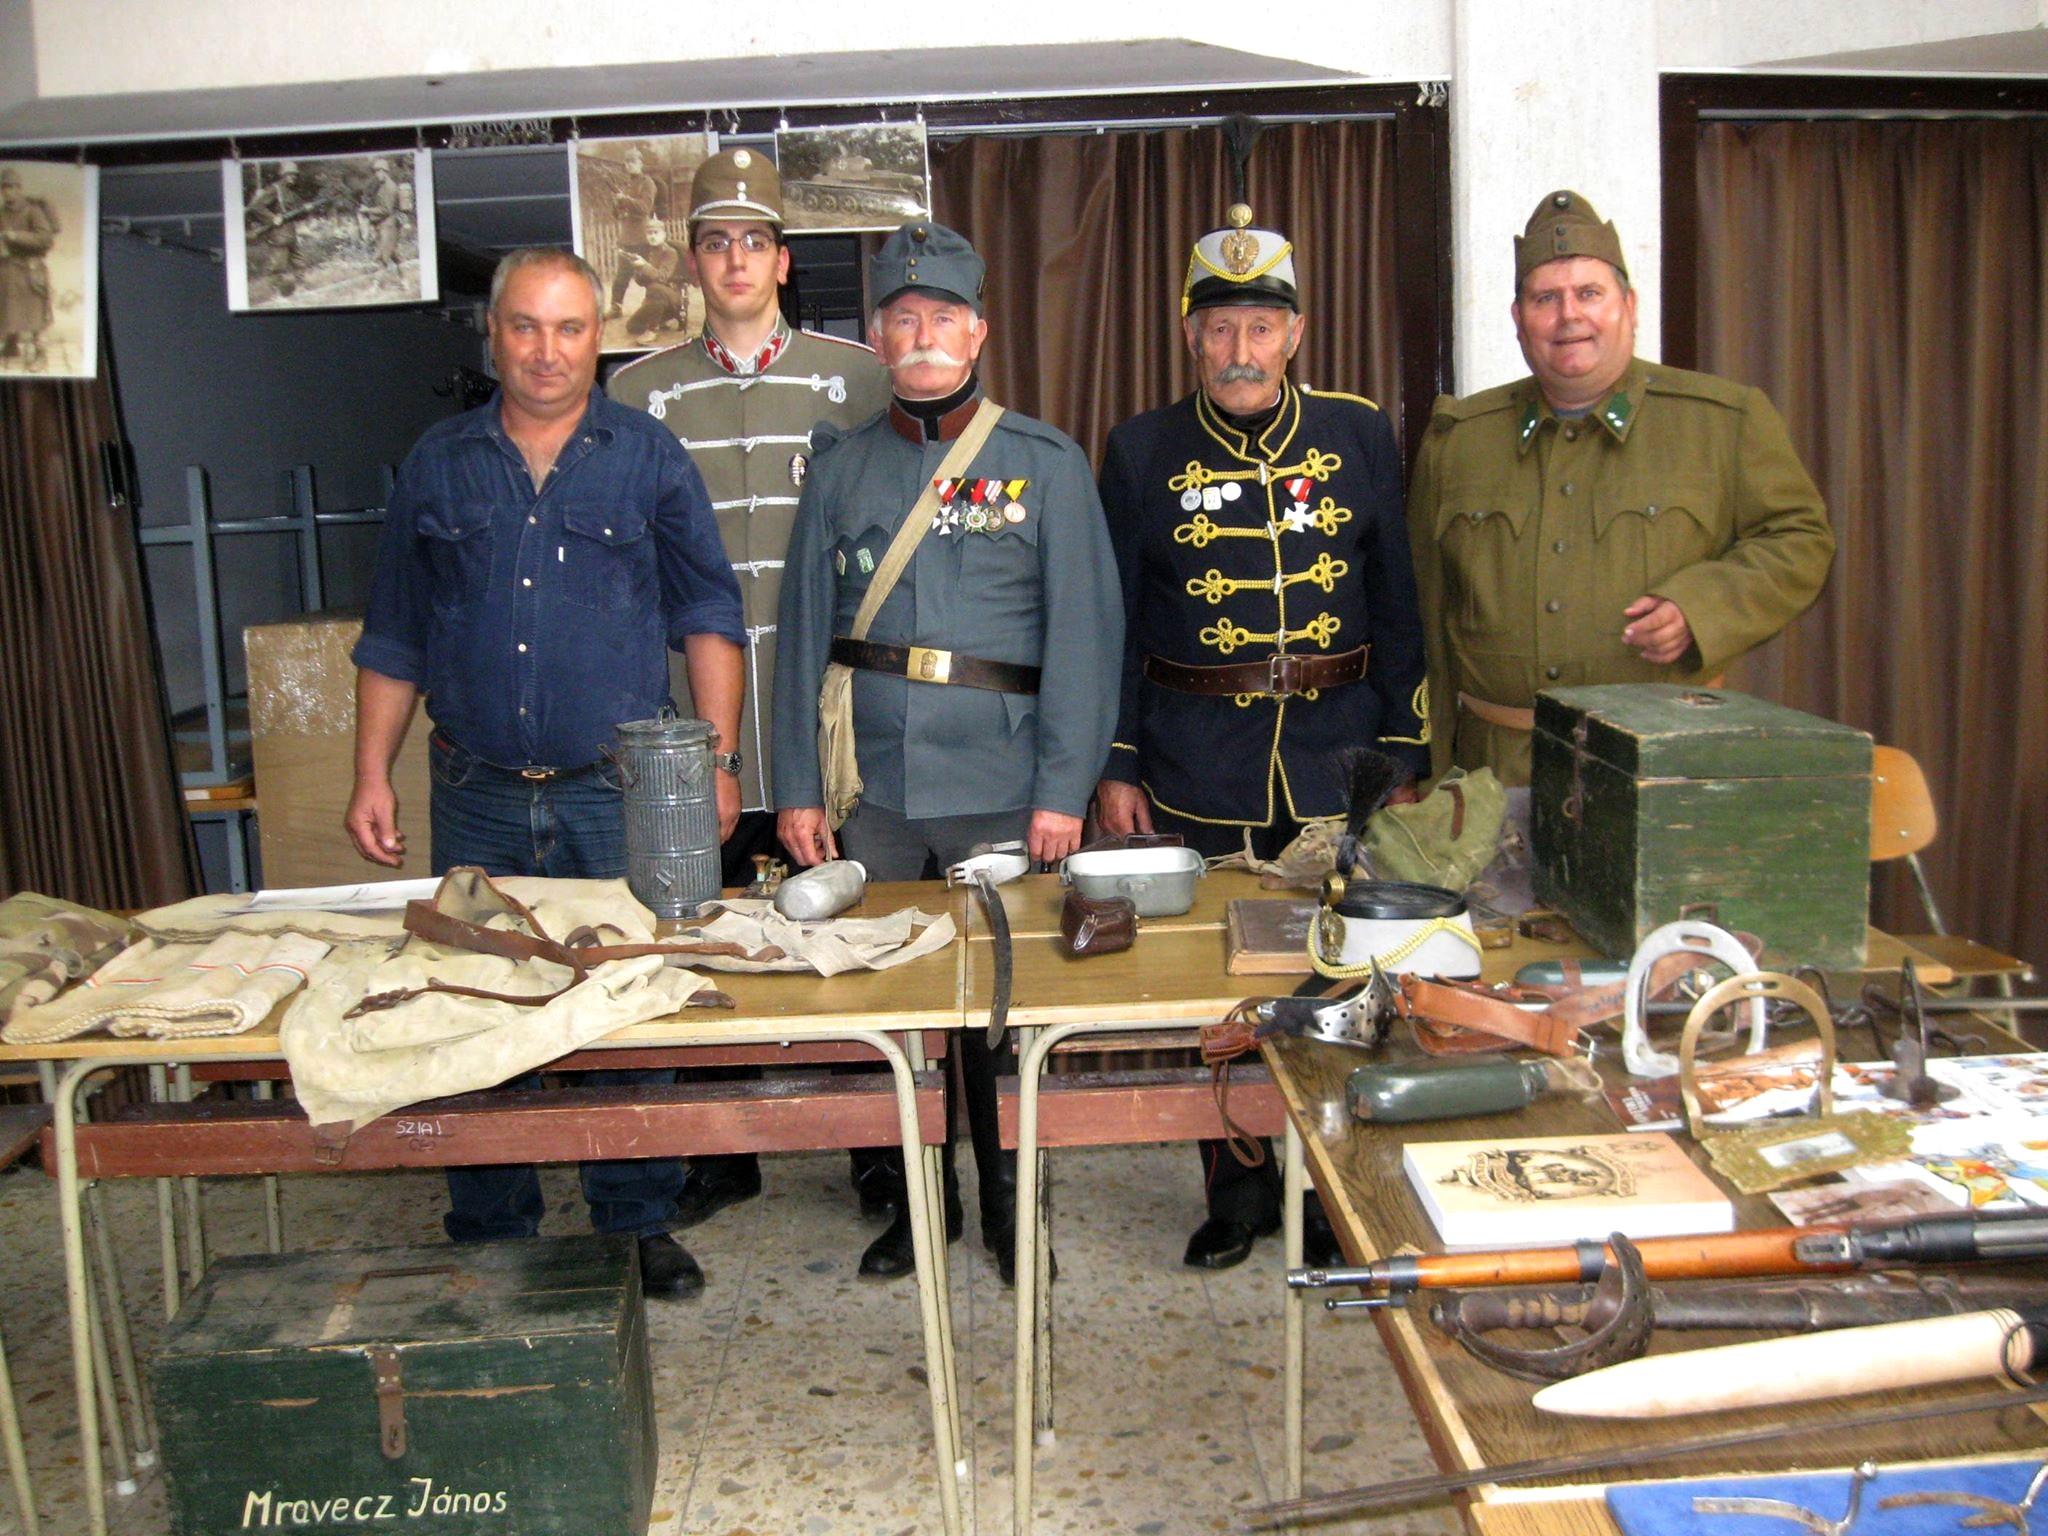 A Vitézi Rend Vas-Zala Megyei Törzskapitányság hagyományőrző csoportja  rendhagyó d13cc17a99